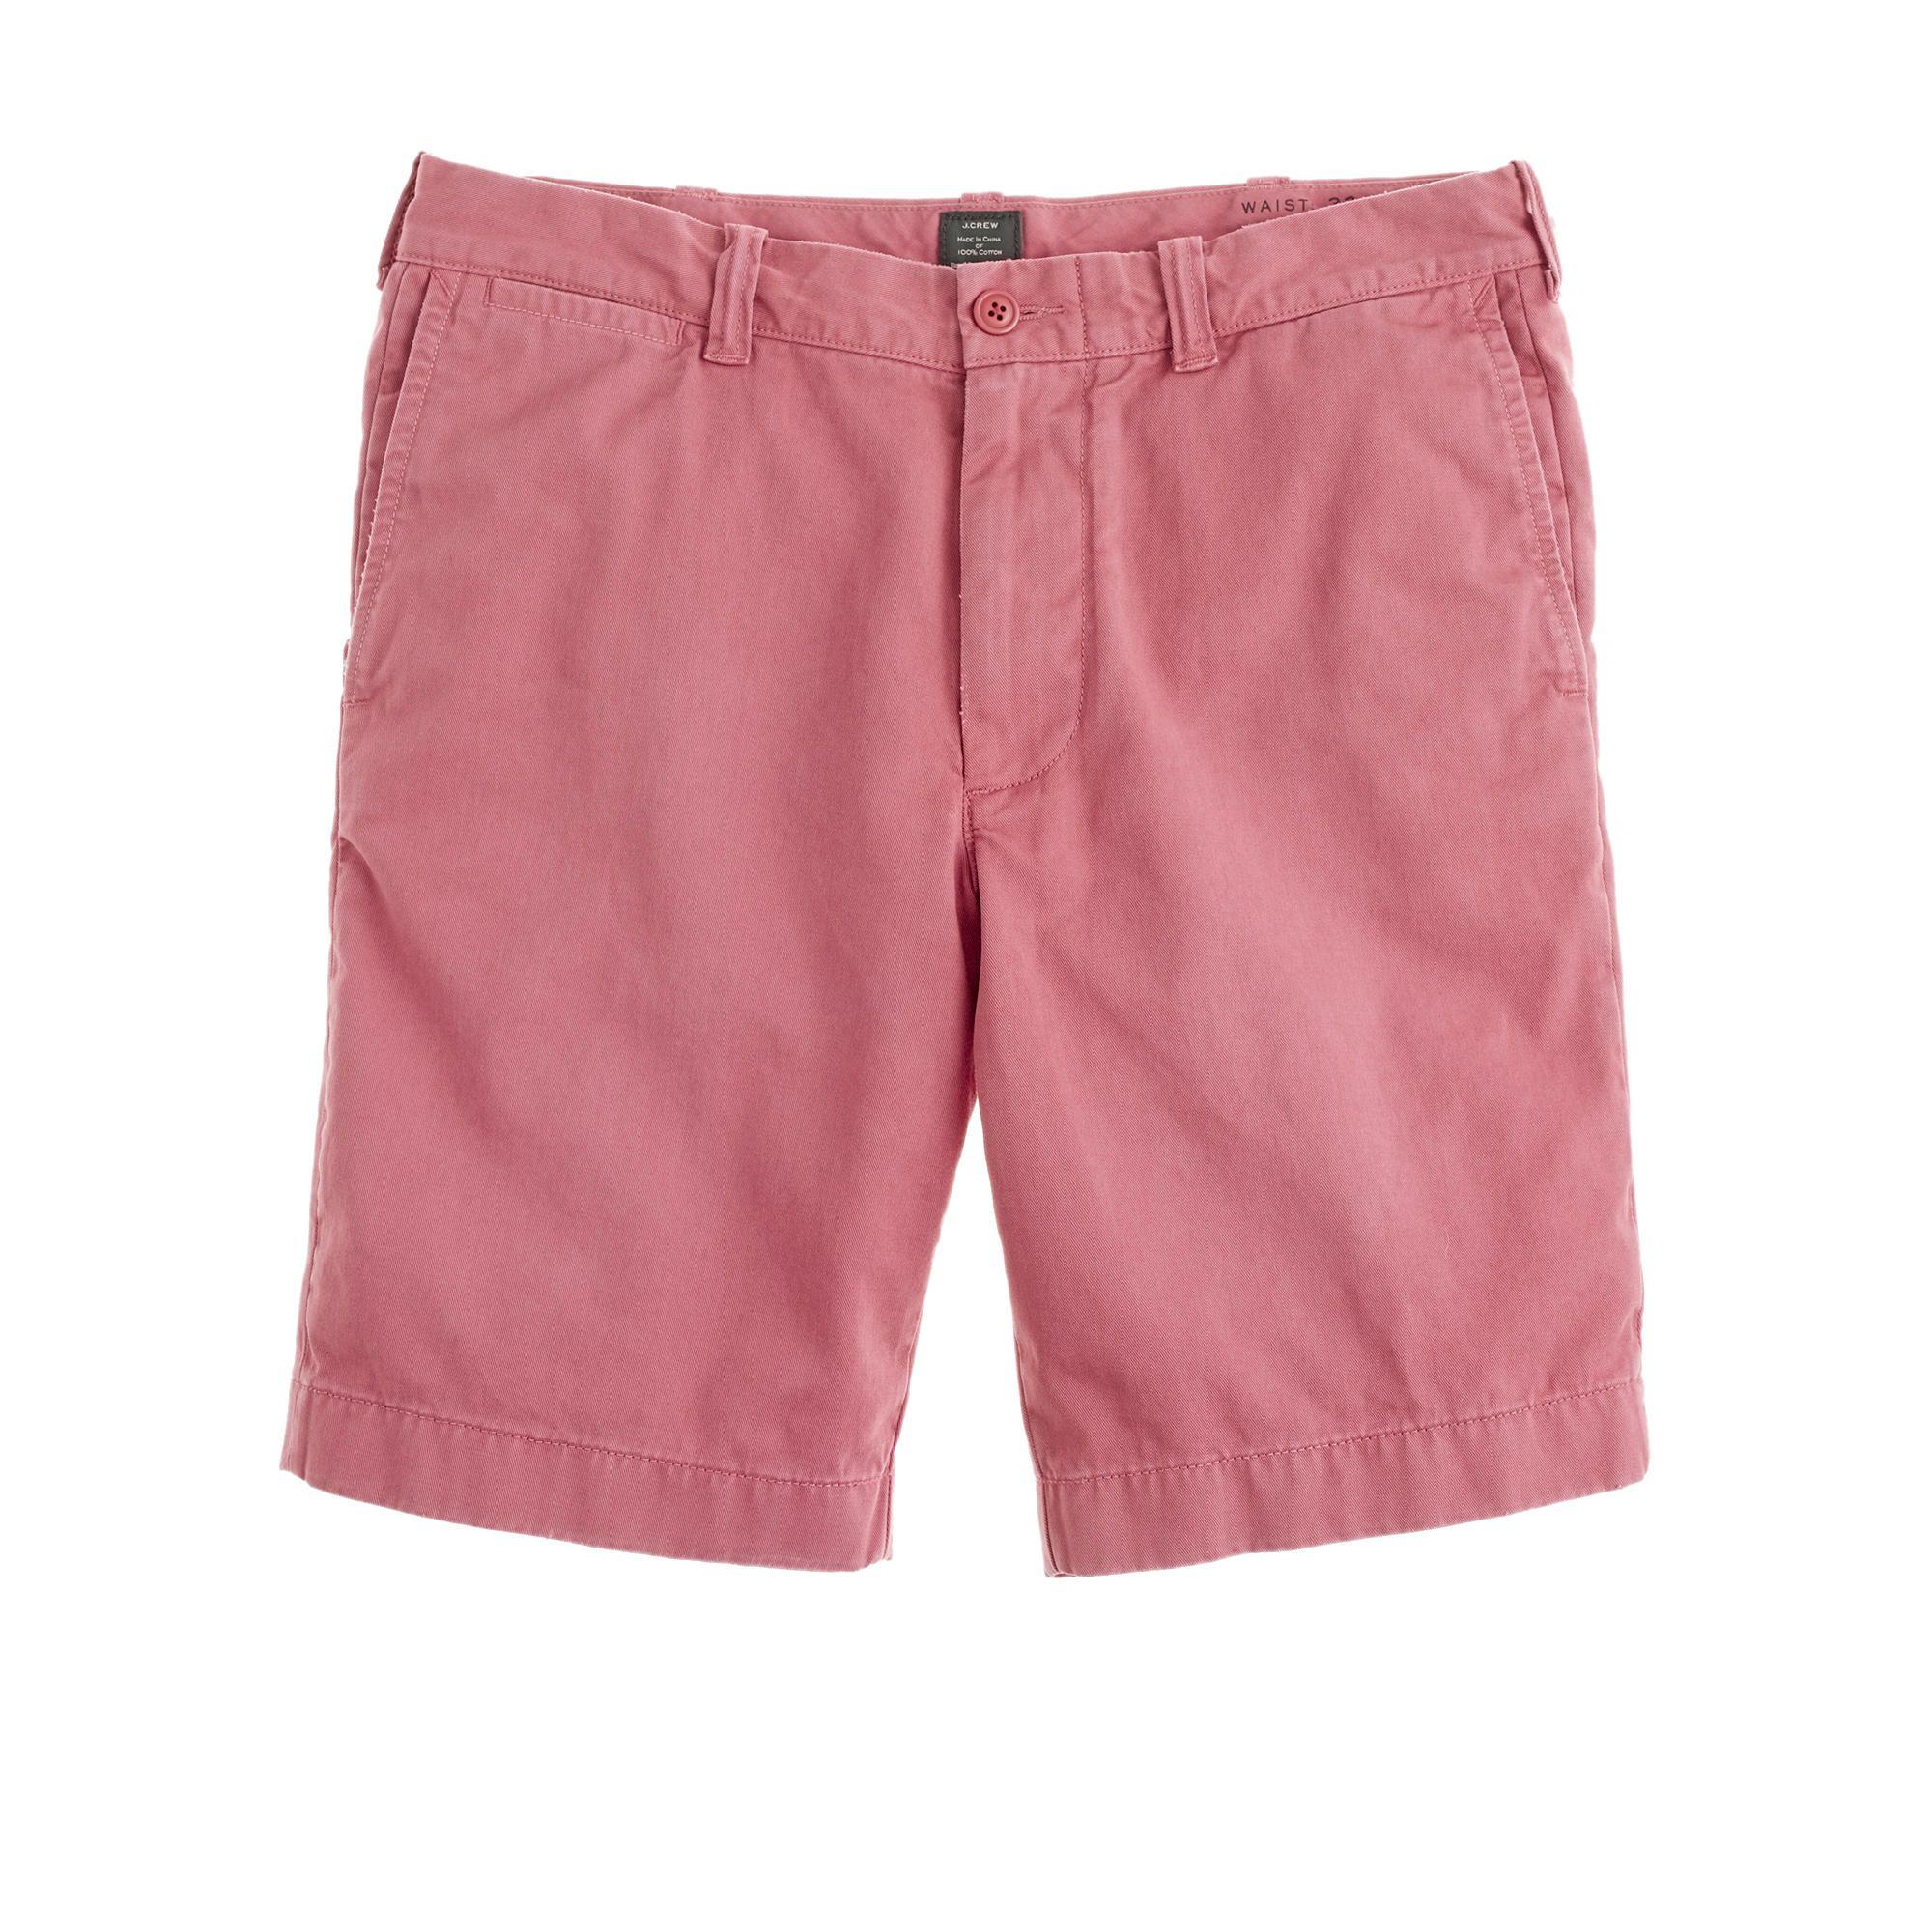 9 stanton short in garmentdyed cotton bermudas